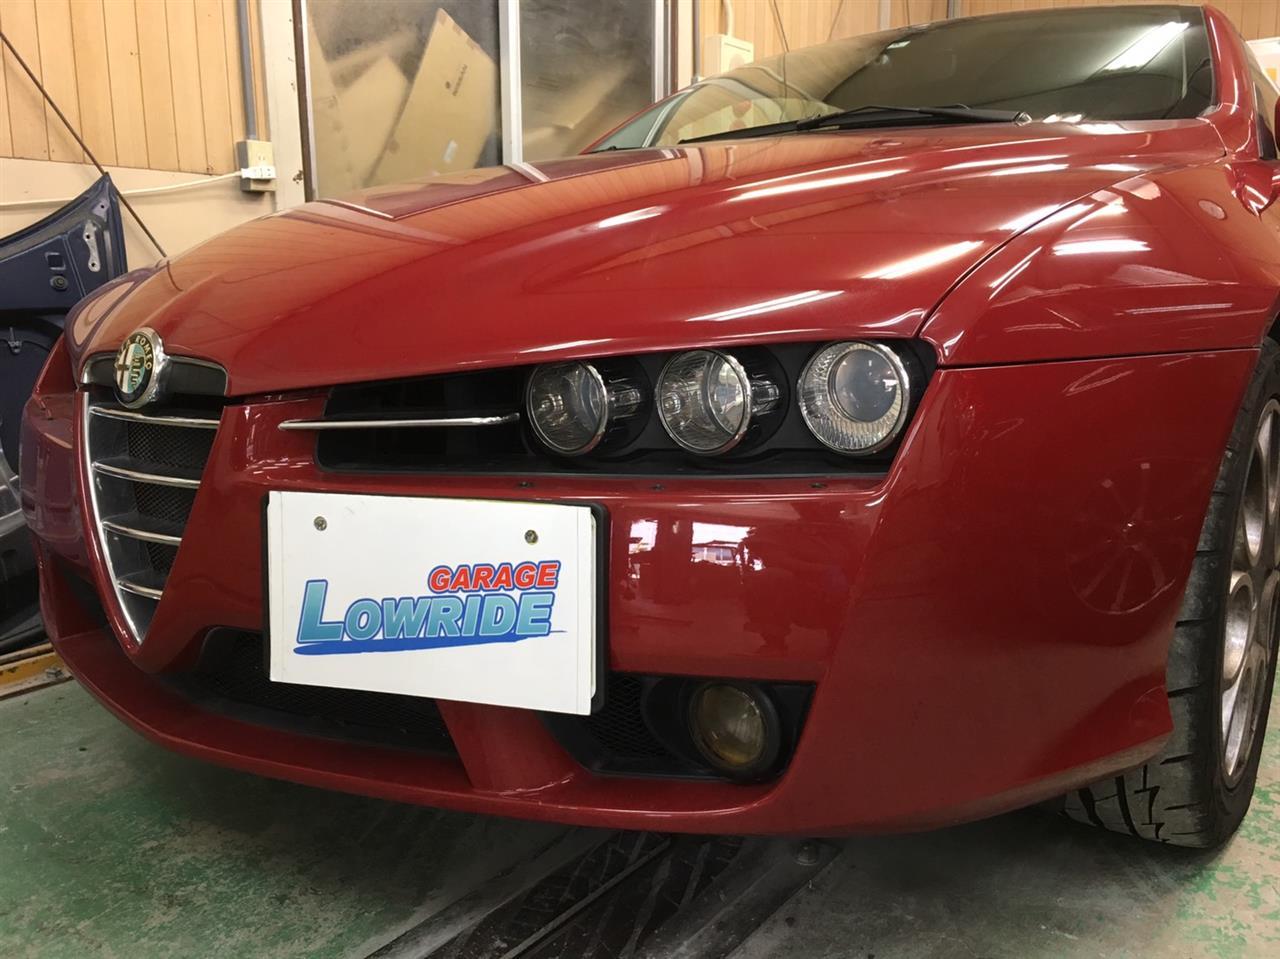 立川市の車の板金塗装修理工場 ガレージローライドのアルファロメオ ブレラの塗装劣化等キズ へこみ の板金 修理 塗装 です。